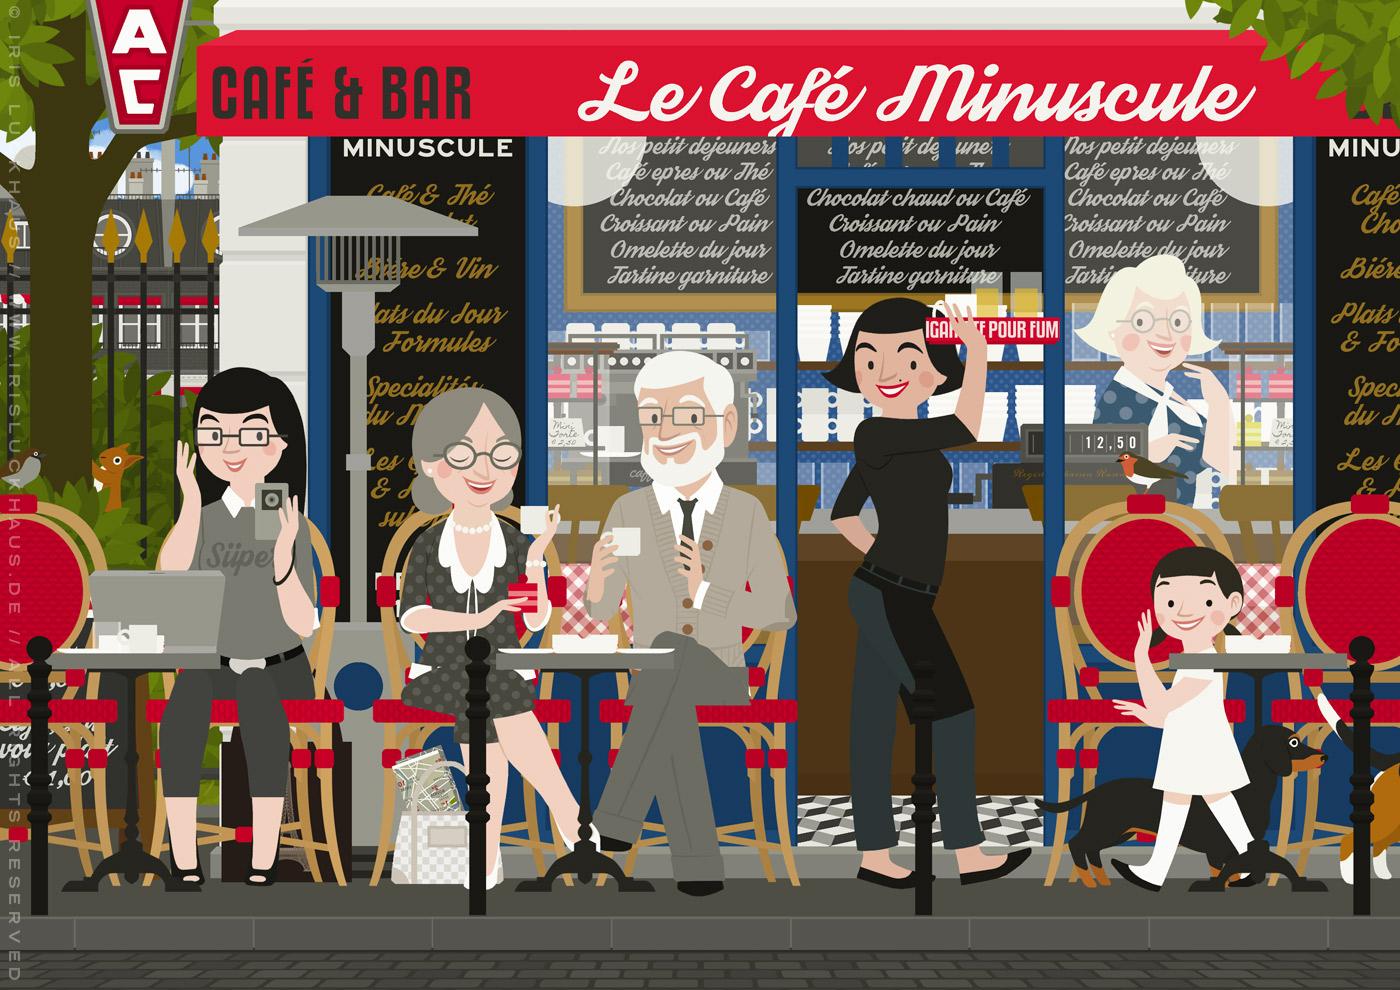 Zeichnung eines alten Pärchens mit Dackel, das bei einem Spaziergang durch Paris in einem Straßencafé Espresso trinkt und die Kellnerin, eine Bloggerin und ein Kind kennenlernt, von Iris Luckhaus